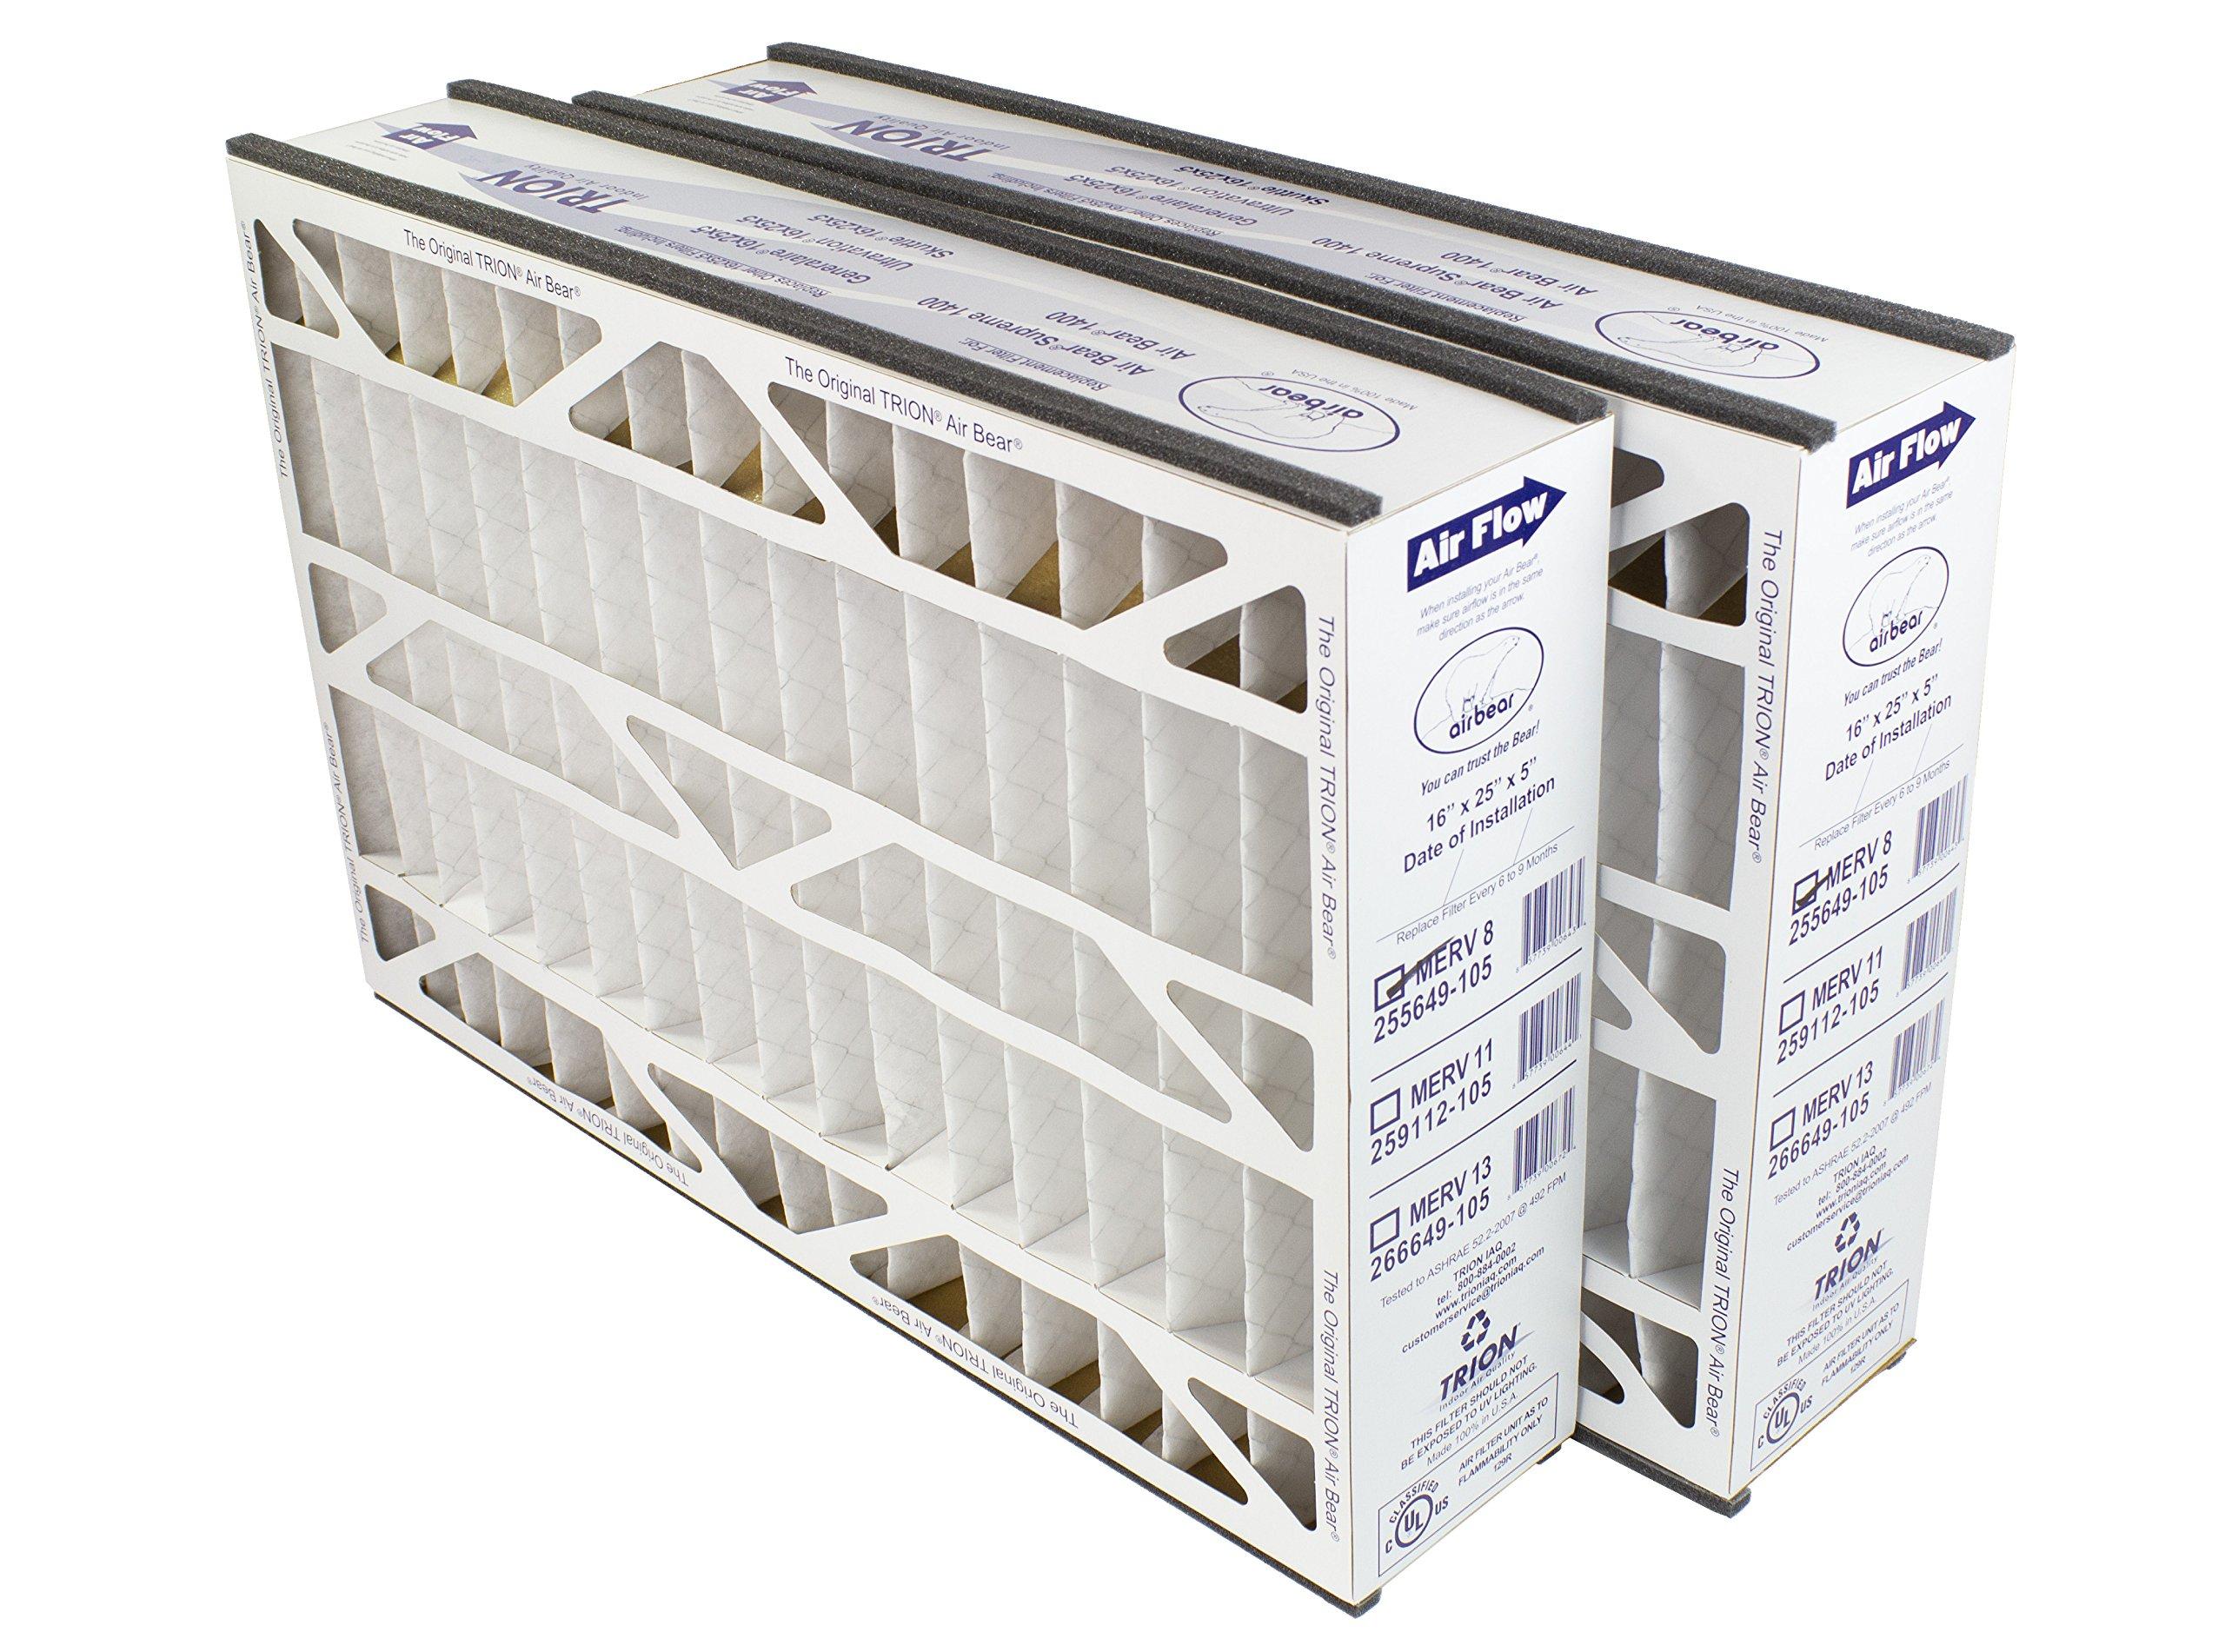 Trion Air Bear 255649-105 (2-Pack) - 16'' x 25'' x 5'' Pleated Air Filter, MERV 8